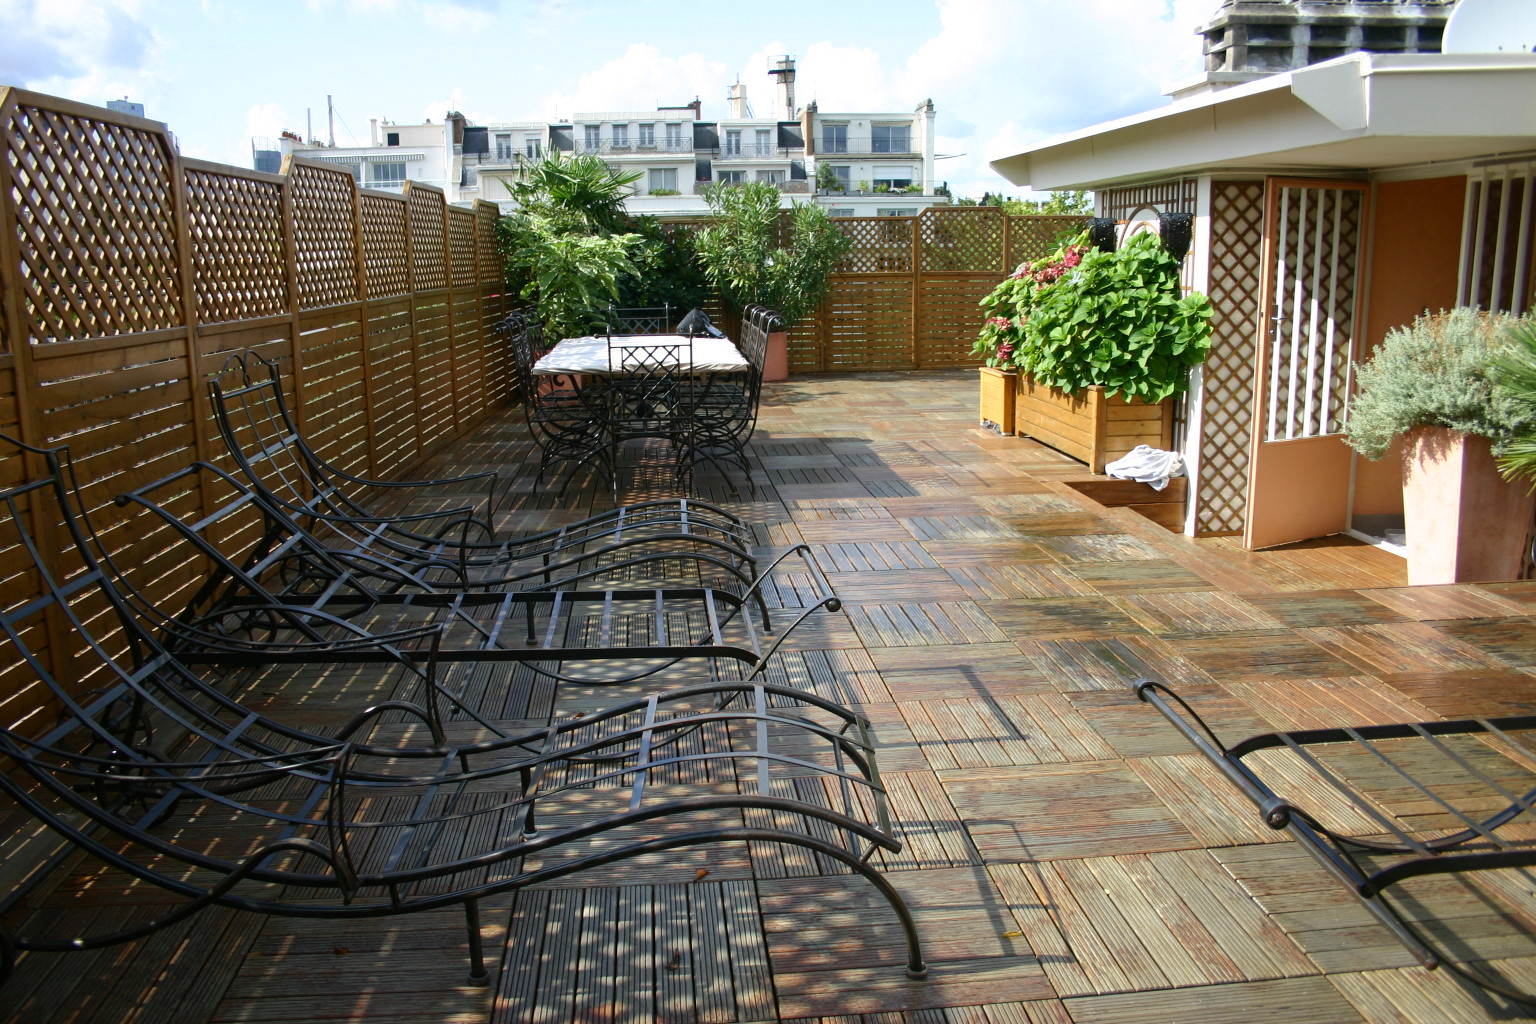 Des Pros Pour Aménager Votre Terrasse intérieur Amanagement De Terrasse